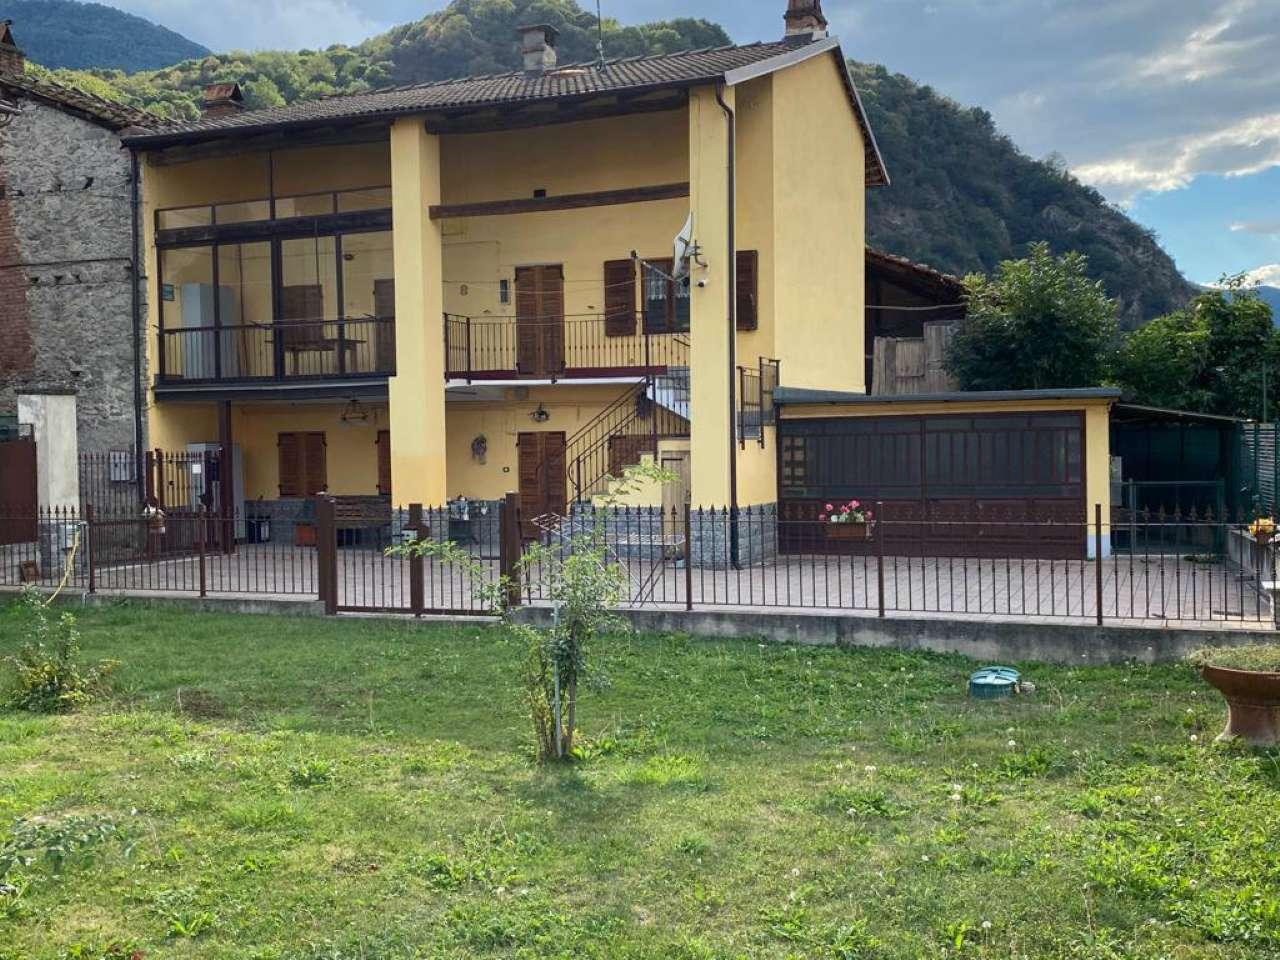 Palazzo / Stabile in vendita a Vaie, 5 locali, prezzo € 138.000 | CambioCasa.it